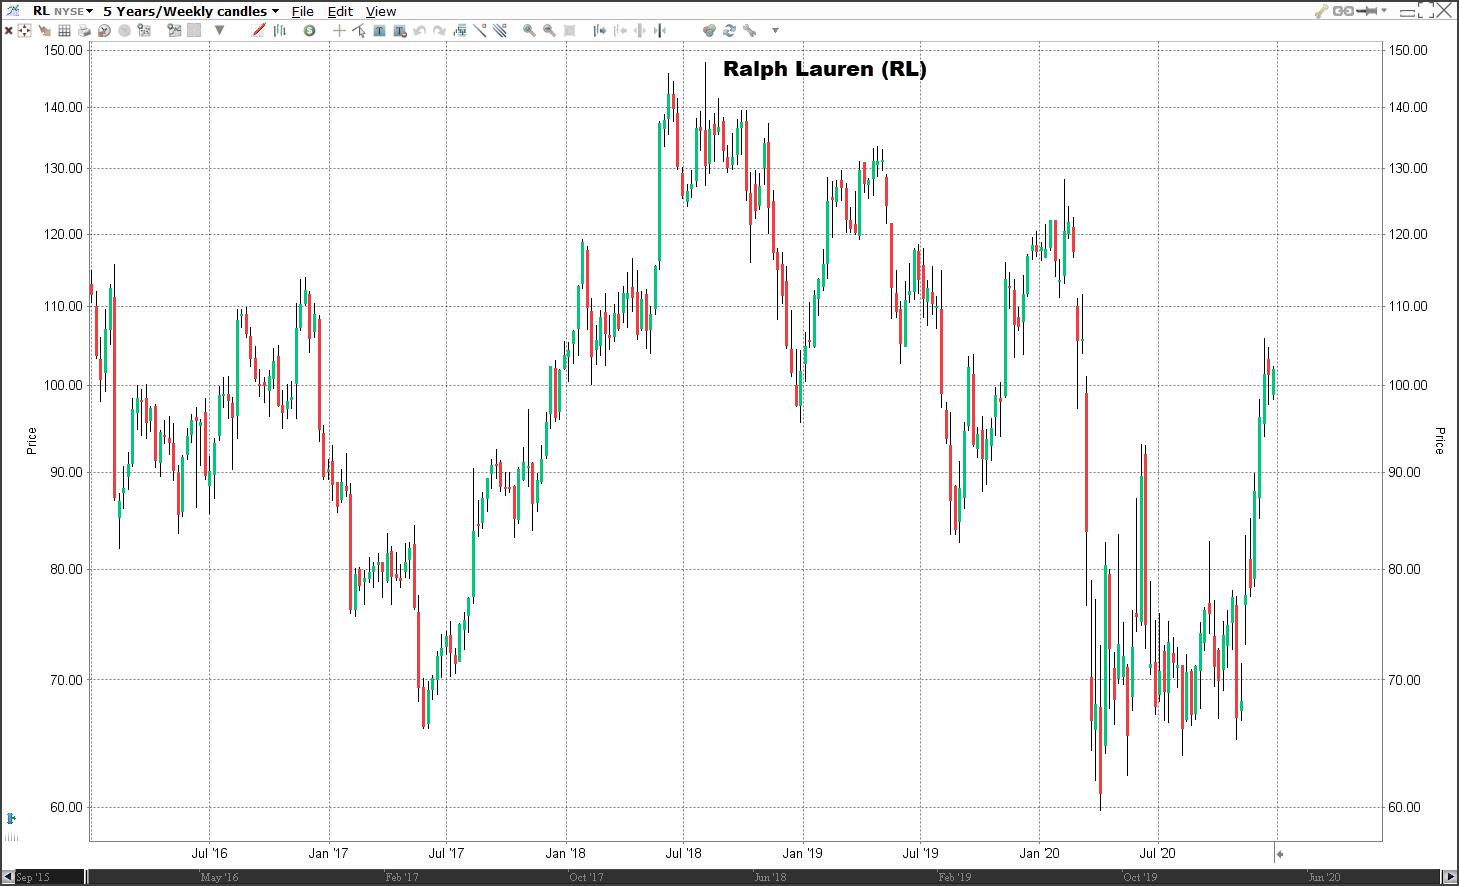 Aandeel Ralph Lauren koers   Welke aandelen kopen 2021?